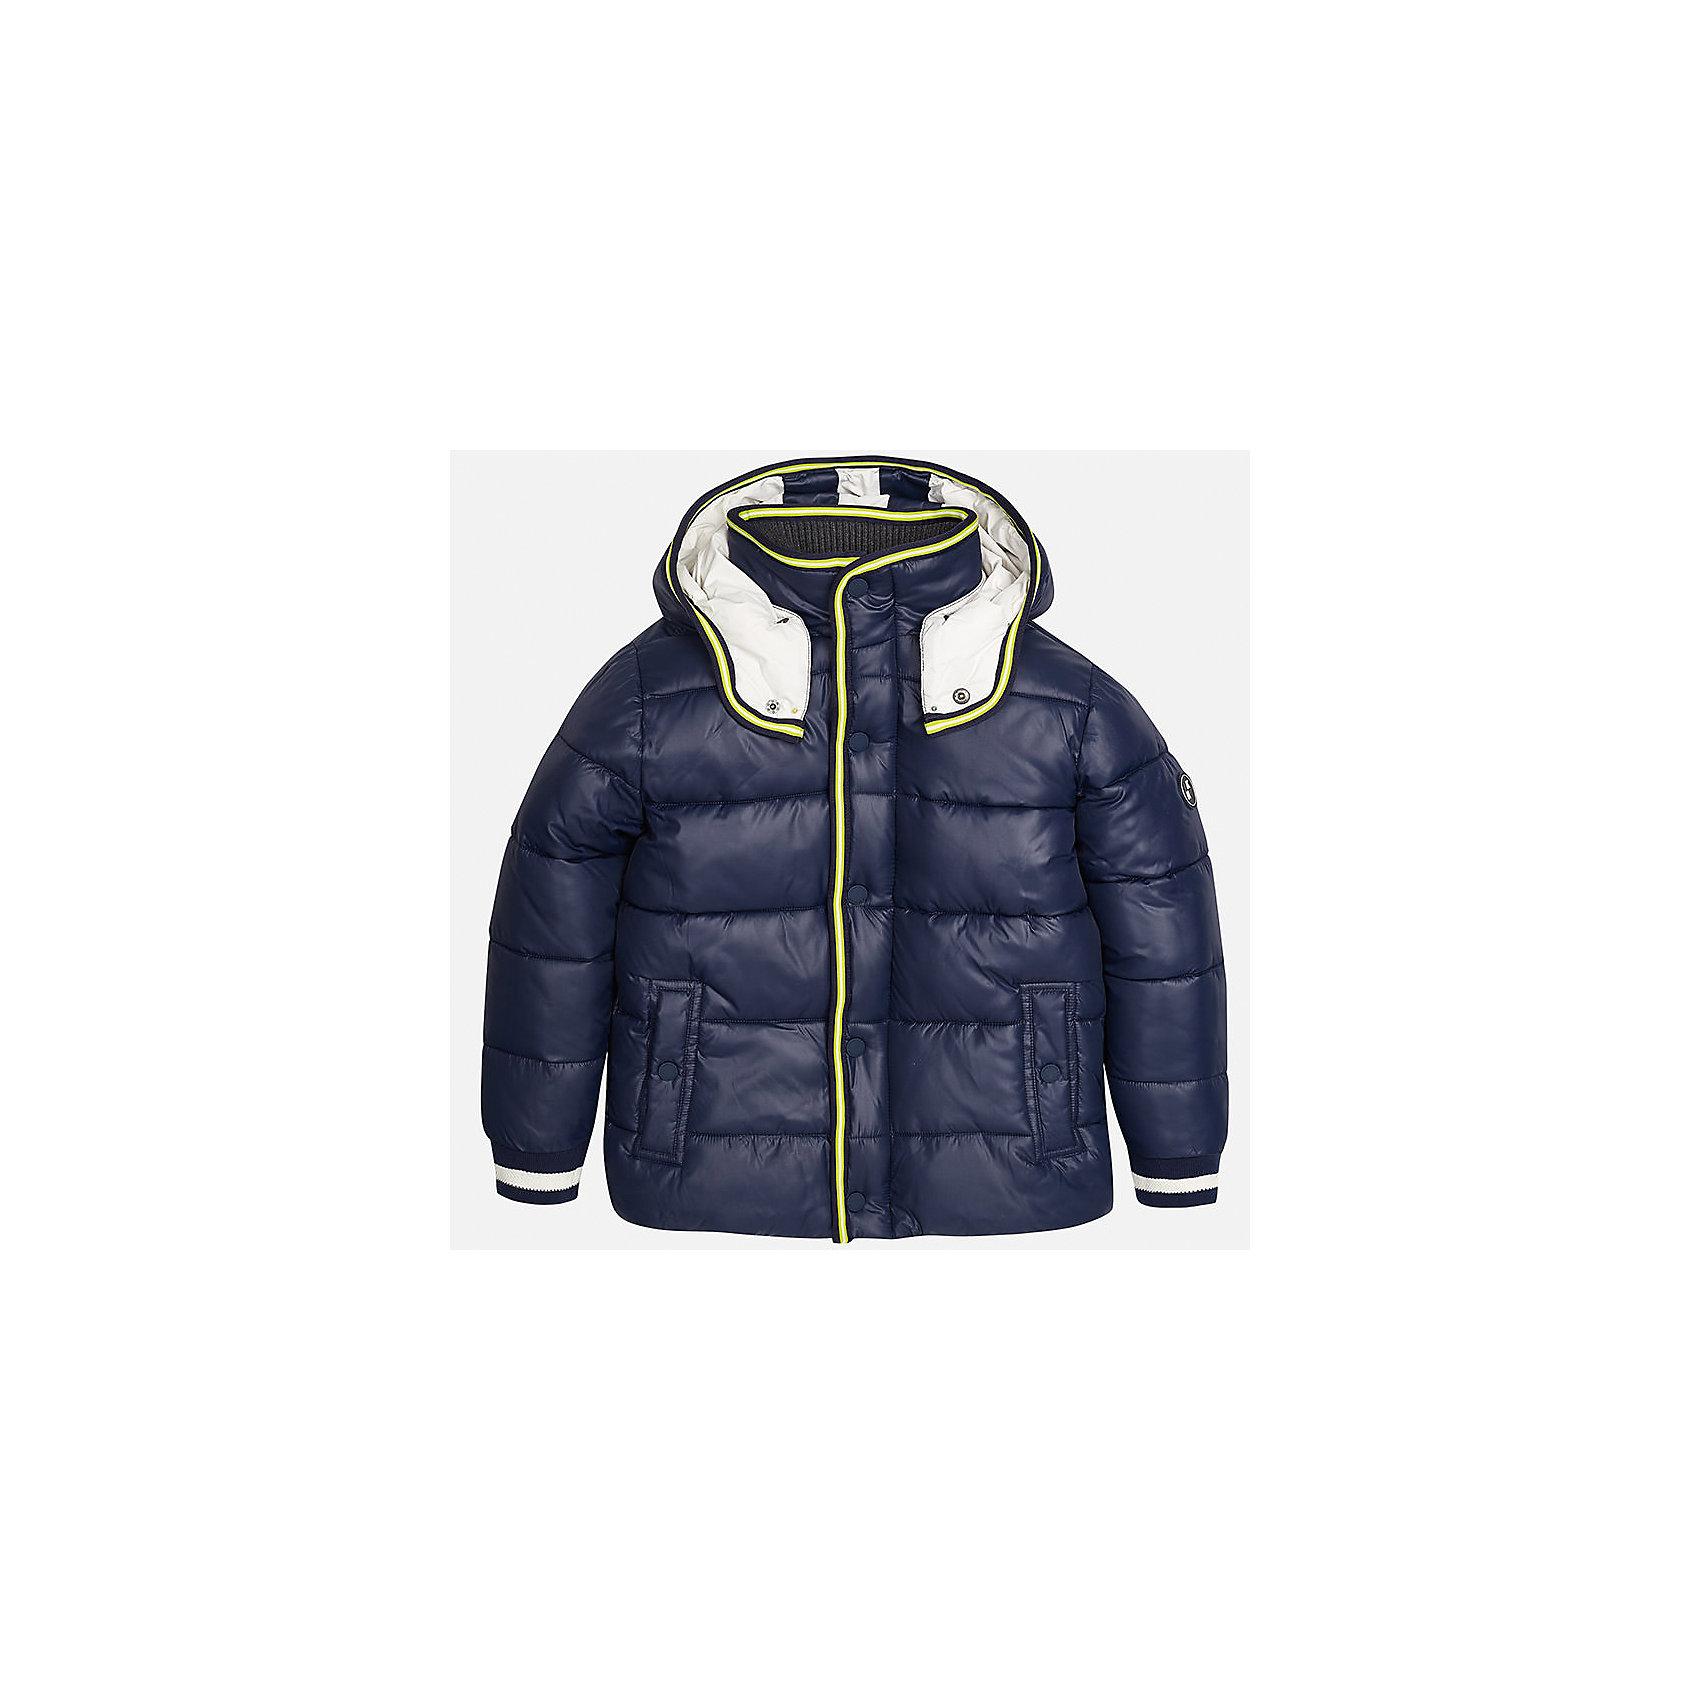 Куртка для мальчика MayoralДемисезонные куртки<br>Характеристики товара:<br><br>• цвет: темно-синий;<br>• сезон: демисезон;<br>• температурный режим: от 0 до +10С;<br>• состав ткани: 100% полиэстер;<br>• состав подкладки: 100% хлопок;<br>• на молнии;<br>• капюшон:  отстегивается, без меха;<br>• страна бренда: Испания;<br>• страна изготовитель: Китай.<br><br>Утепленная демисезонная куртка для мальчика от популярного бренда Mayoral несомненно понравится вам и вашему ребенку. Качественные ткани, безупречное исполнение, все модели в центре модных тенденций. <br><br>Стеганная модель синего цвета выполнена из мягкой плащевой  ткани и внутренней флисовой подкладки, обеспечивающие хорошую воздухопроницаемую защиту,  рукава, вортник и пояс на внутренних элестичных манжетах. Застегивается на молнию и кнопки, капюшон  отстегивается с помощью кнопок,  боковые карманы спереди на кнопках. Декорирована контрастной оконтовко и нашивкой-логотипом на рукаве.<br><br>Легкая и теплая куртка с капюшоном и карманами на холодную осень-весну. Грамотный крой изделия обеспечивает отличную посадку по фигуре. Все эти преимущества делают данную модель незаменимой для активных прогулок и повседневной носки.<br><br>Утепленная демисезонная куртка для мальчика Mayoral (Майорал) можно купить в нашем интернет-магазине.<br><br>Ширина мм: 356<br>Глубина мм: 10<br>Высота мм: 245<br>Вес г: 519<br>Цвет: темно-синий<br>Возраст от месяцев: 168<br>Возраст до месяцев: 180<br>Пол: Мужской<br>Возраст: Детский<br>Размер: 170,128/134,140,152,158,164<br>SKU: 6938782